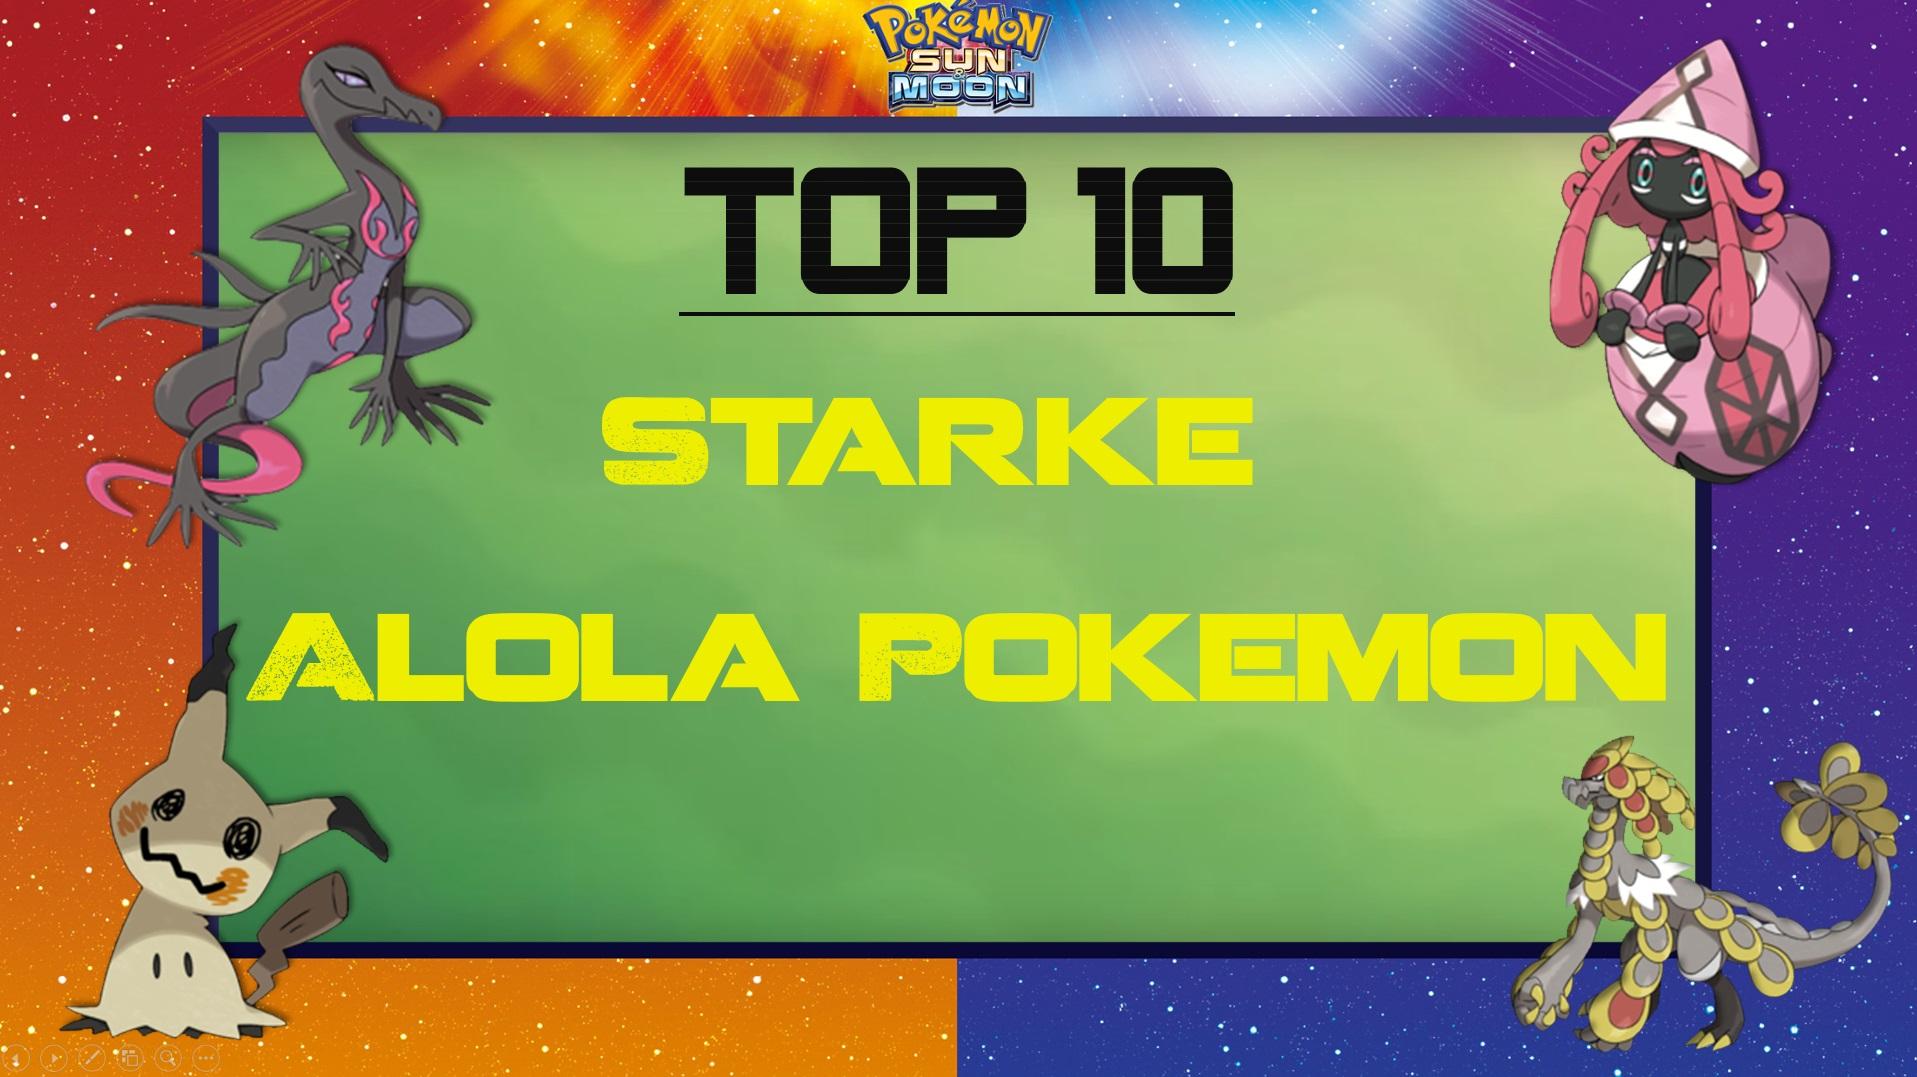 Die 10 stärksten Alola-Pokemon